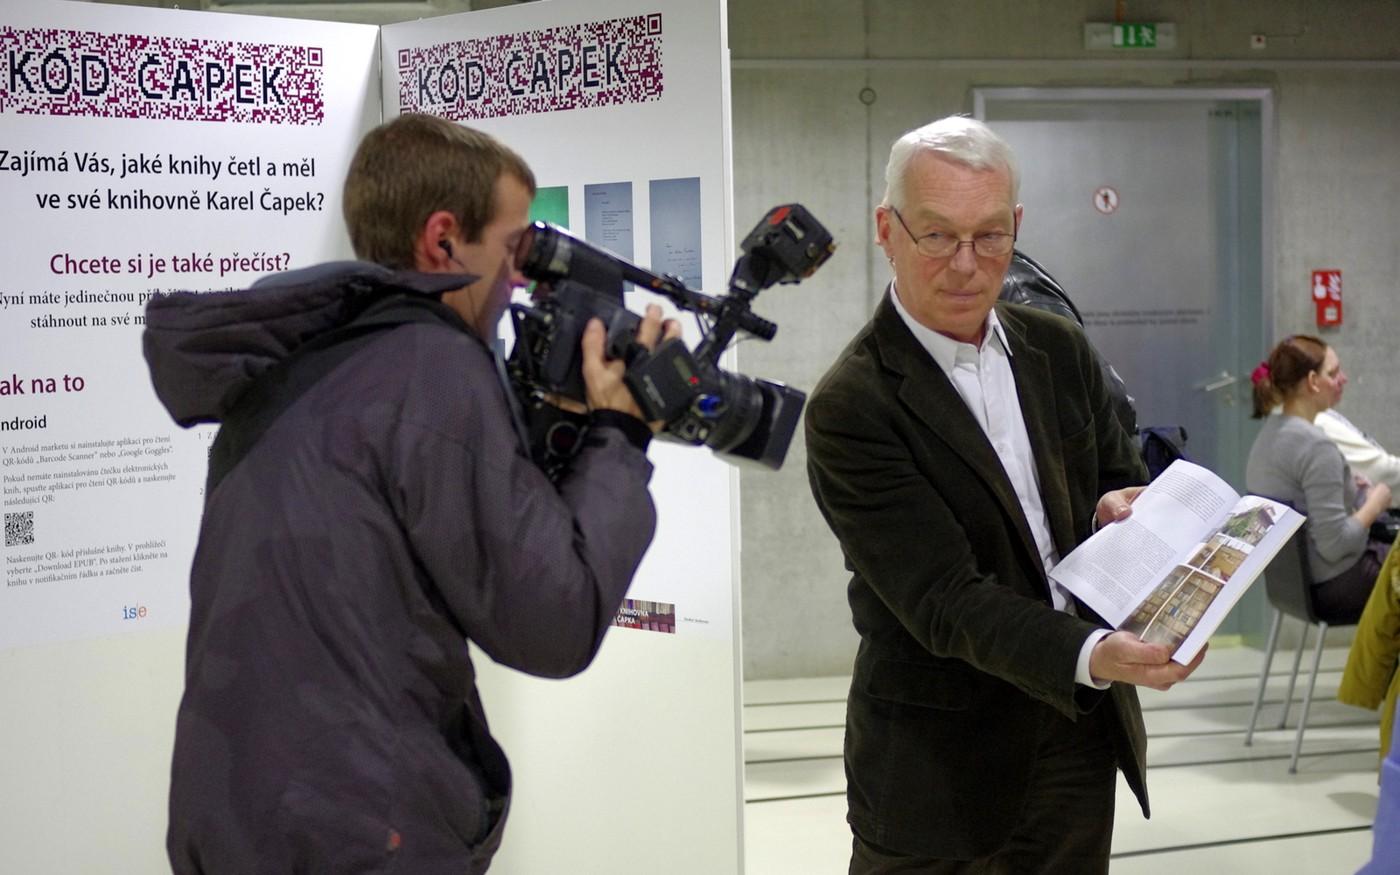 Ředitel NTK Martin Svoboda ukazuje novou publikaci tisku